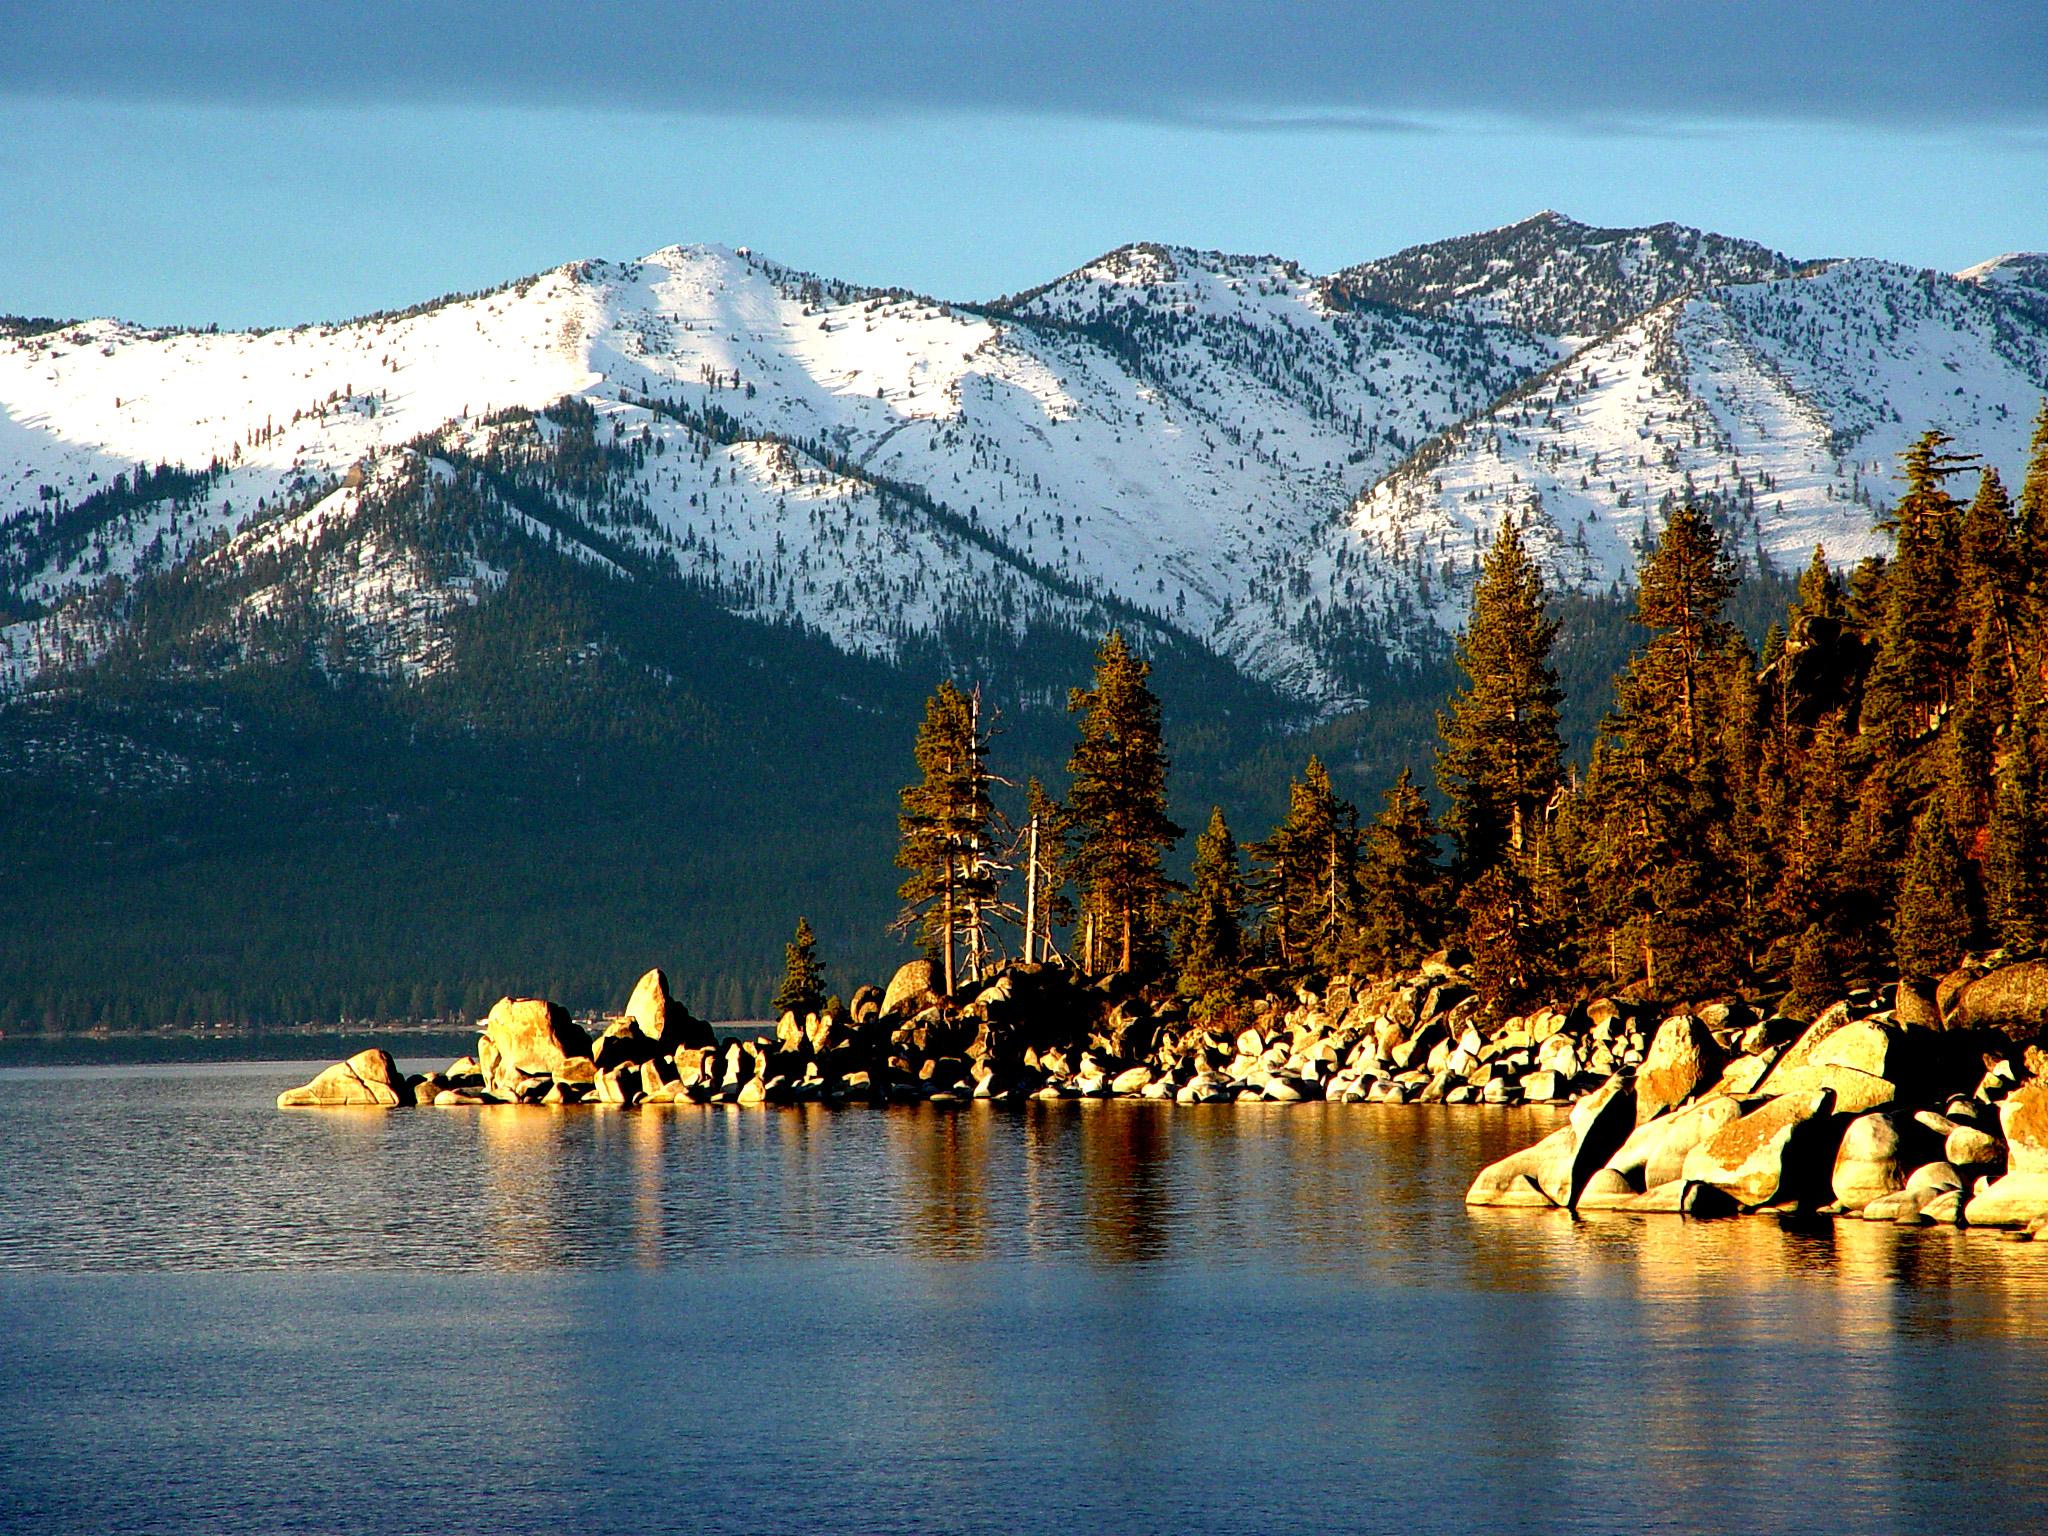 Lake Tahoe, the ice-age lake